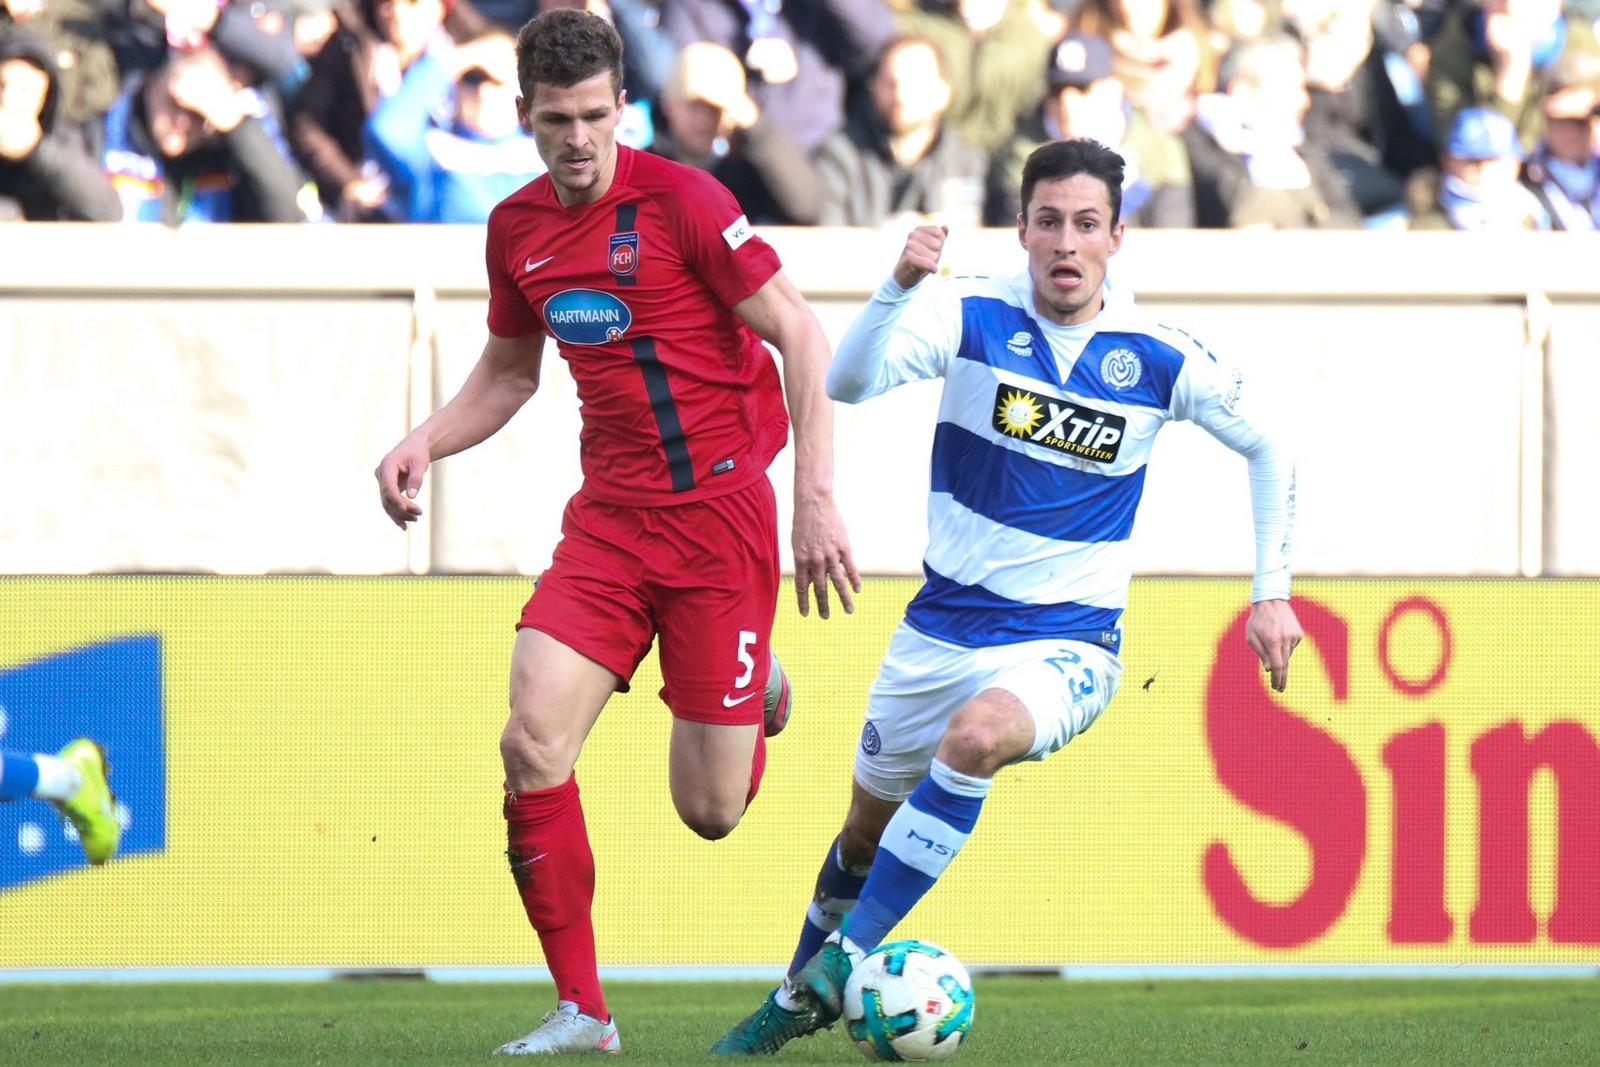 Kann Fabian Schnellhardt gegen Heidenheim einen Befreiungsschlag landen? Jetzt auf Heidenheim gegen Duisburg wetten!